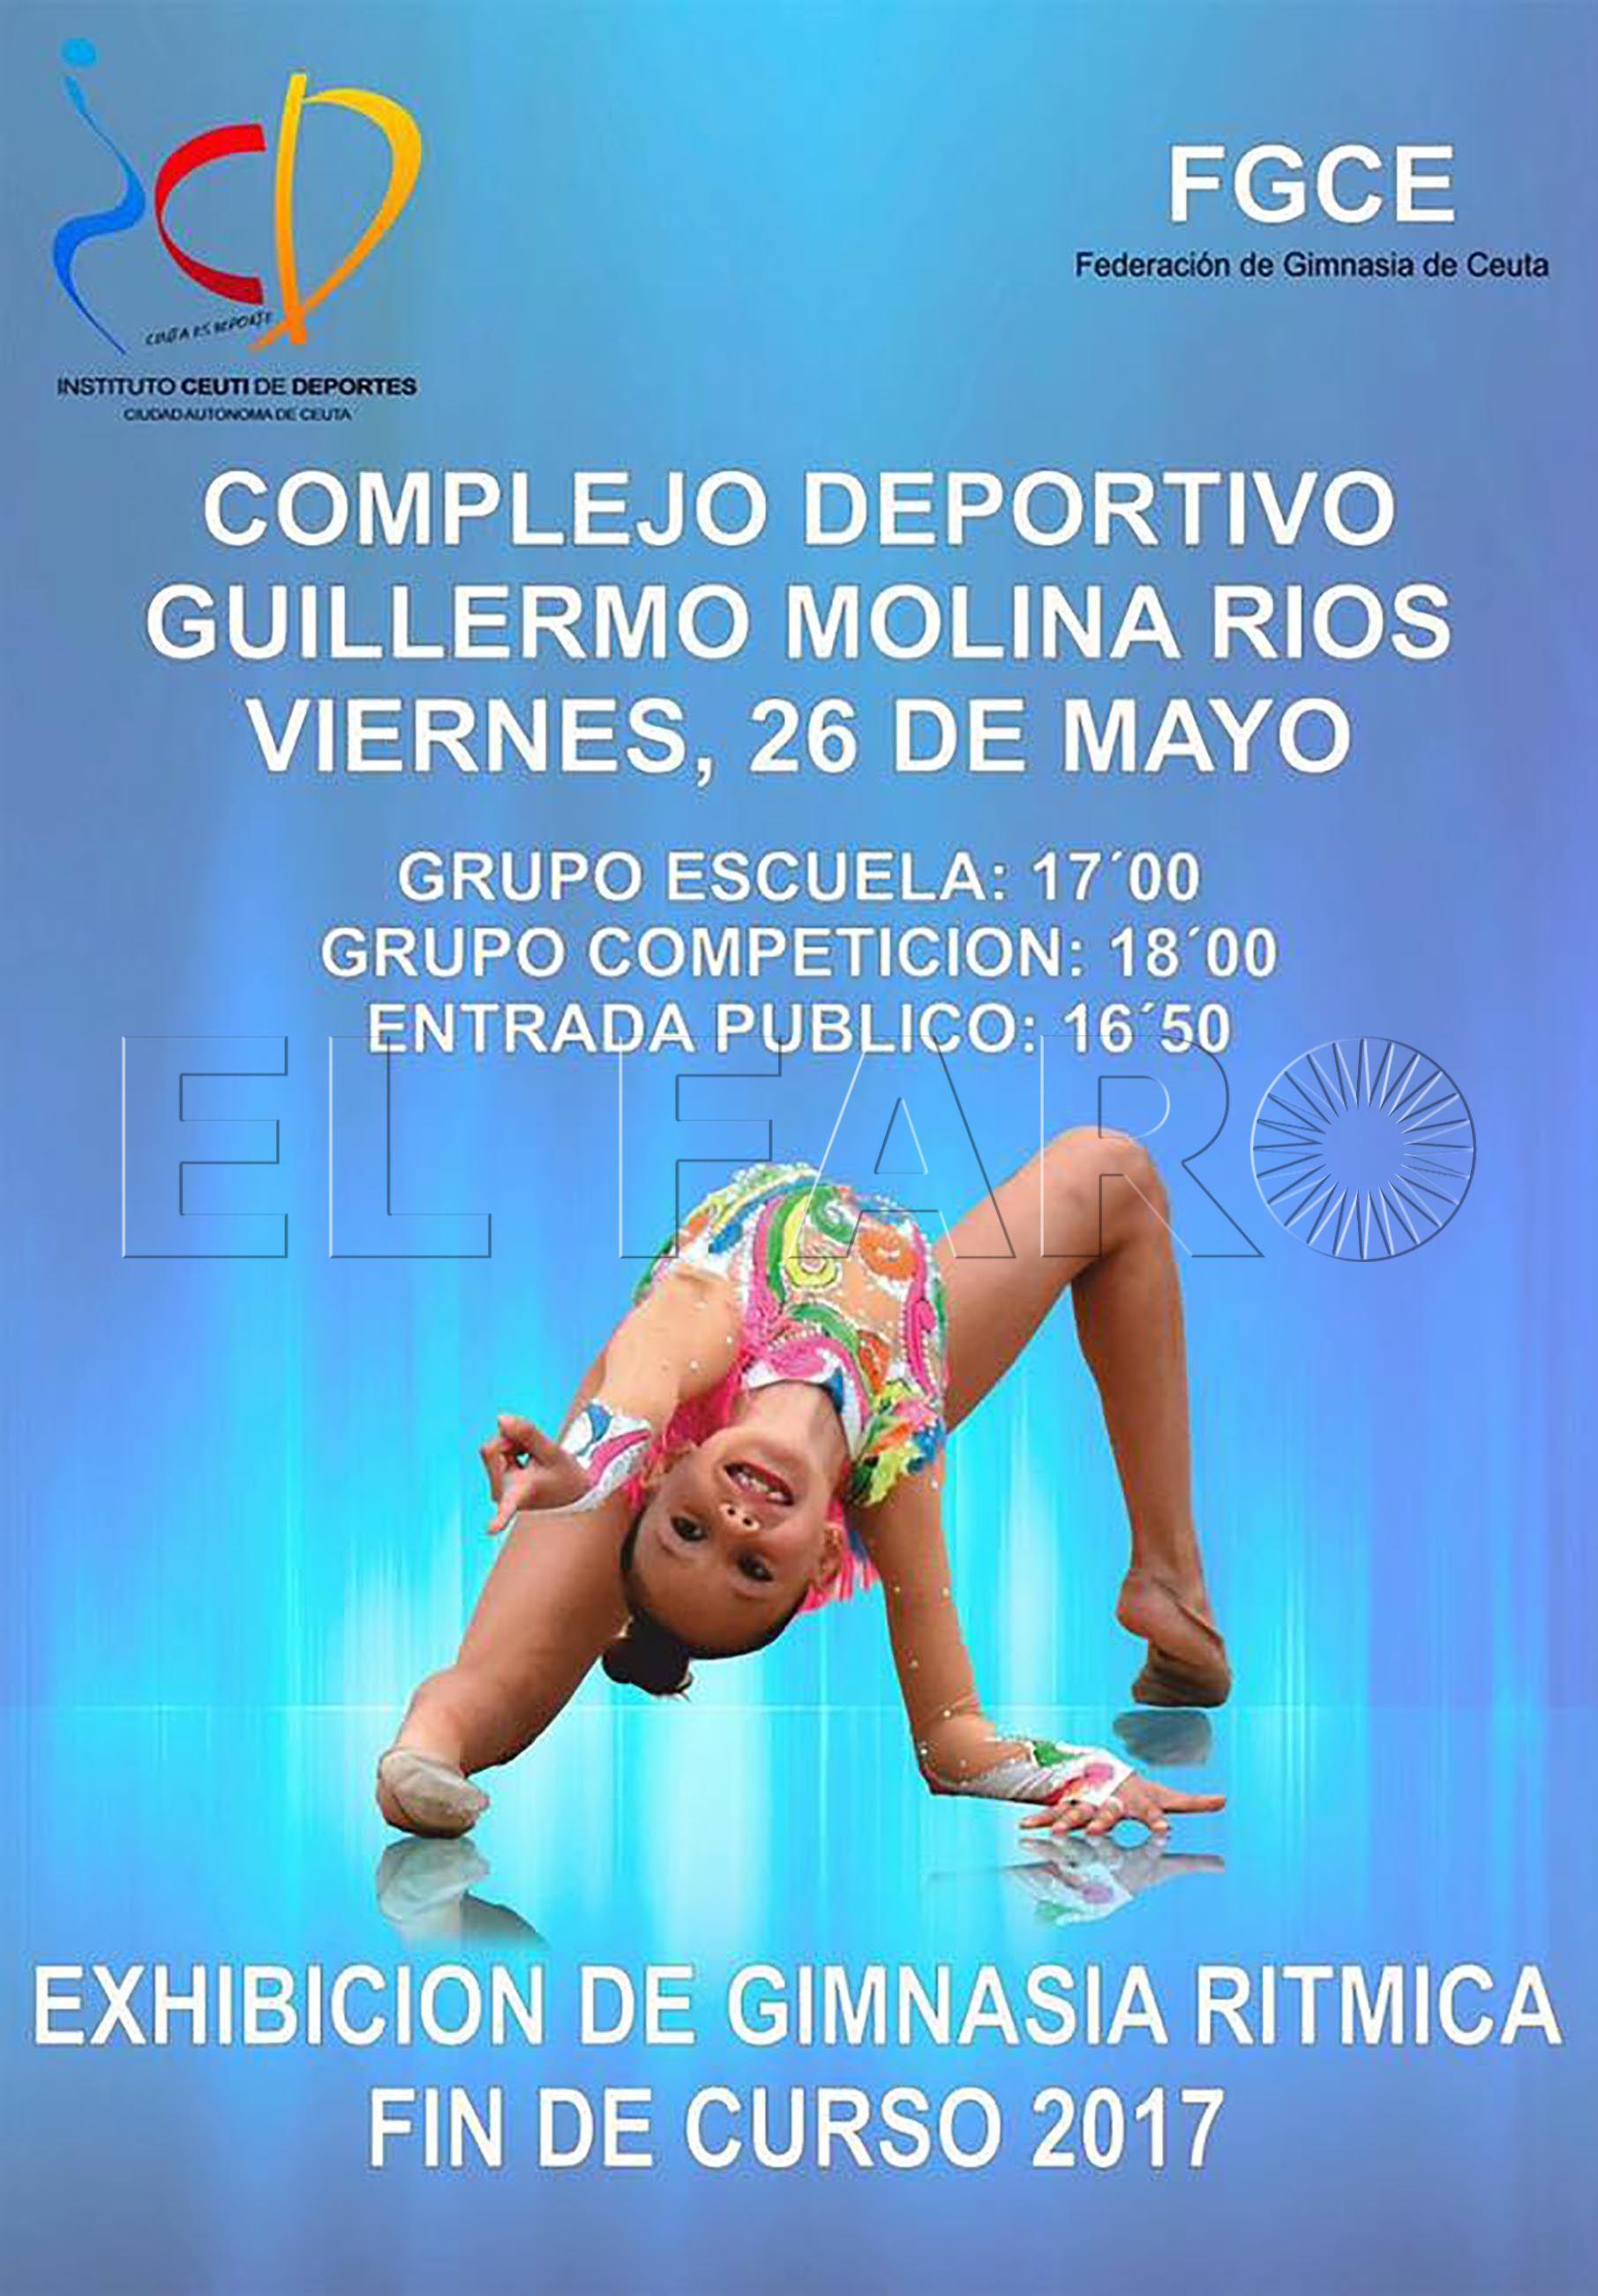 Más de 200 gimnastas en la exhibición final